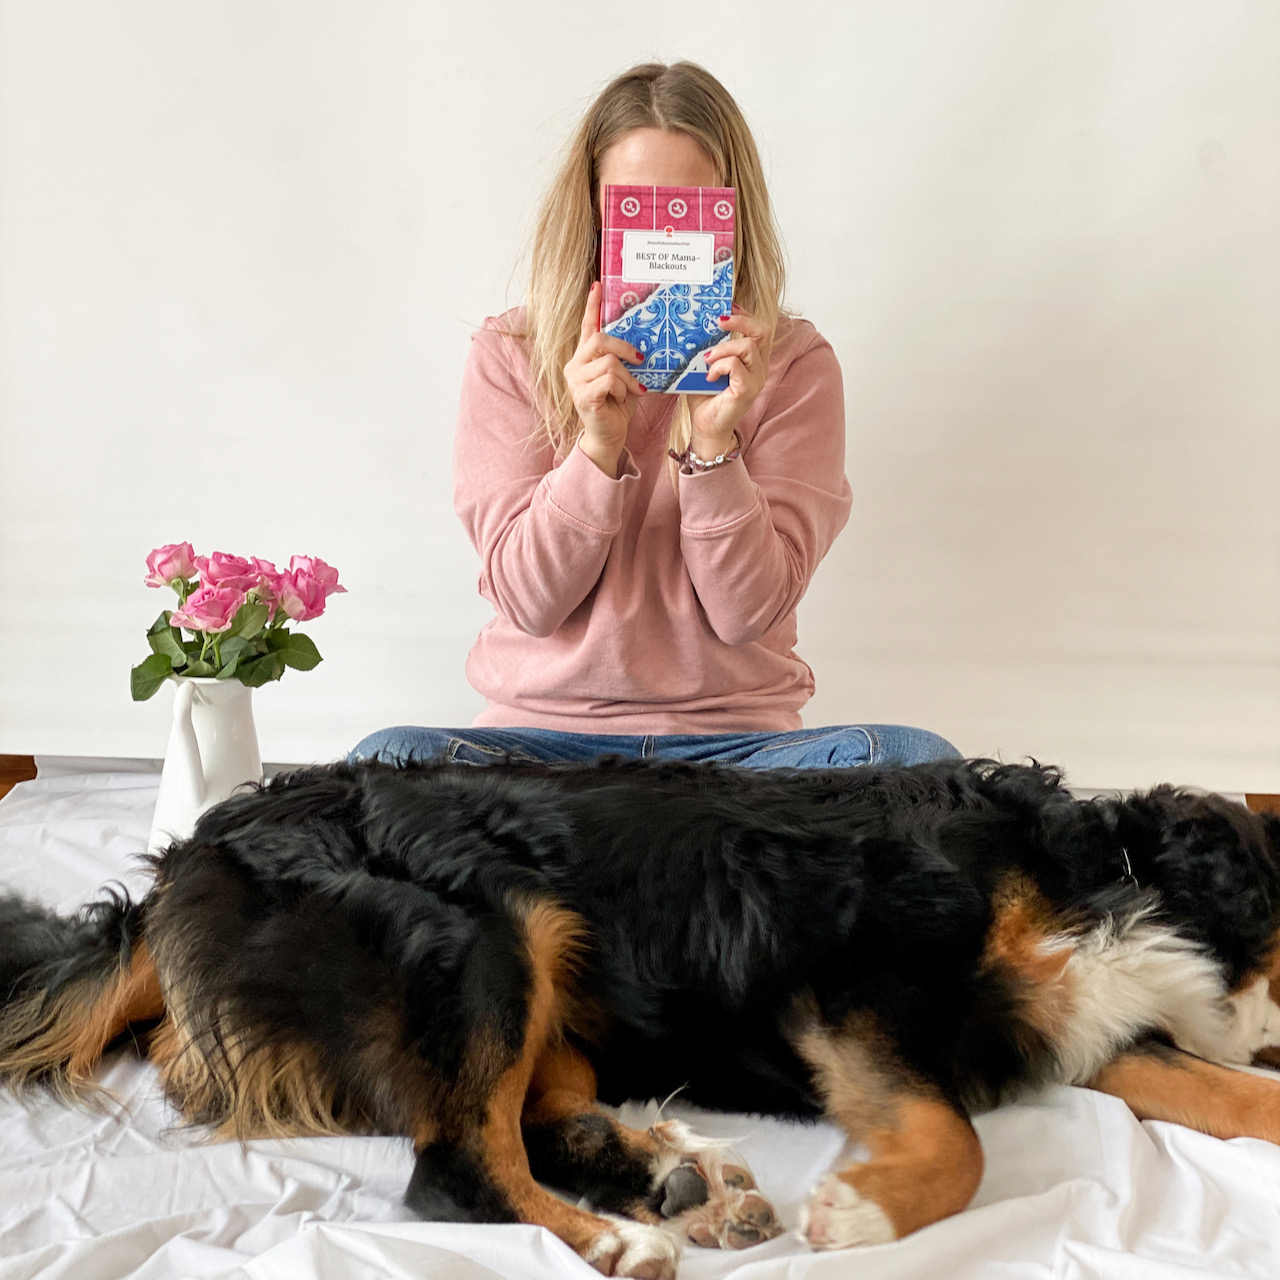 Mama im Homeoffice: Verena arbeitet von daheim aus. Hier haltet sie ihr Buch vor den Kopf und der Hund sitzt vor ihr.